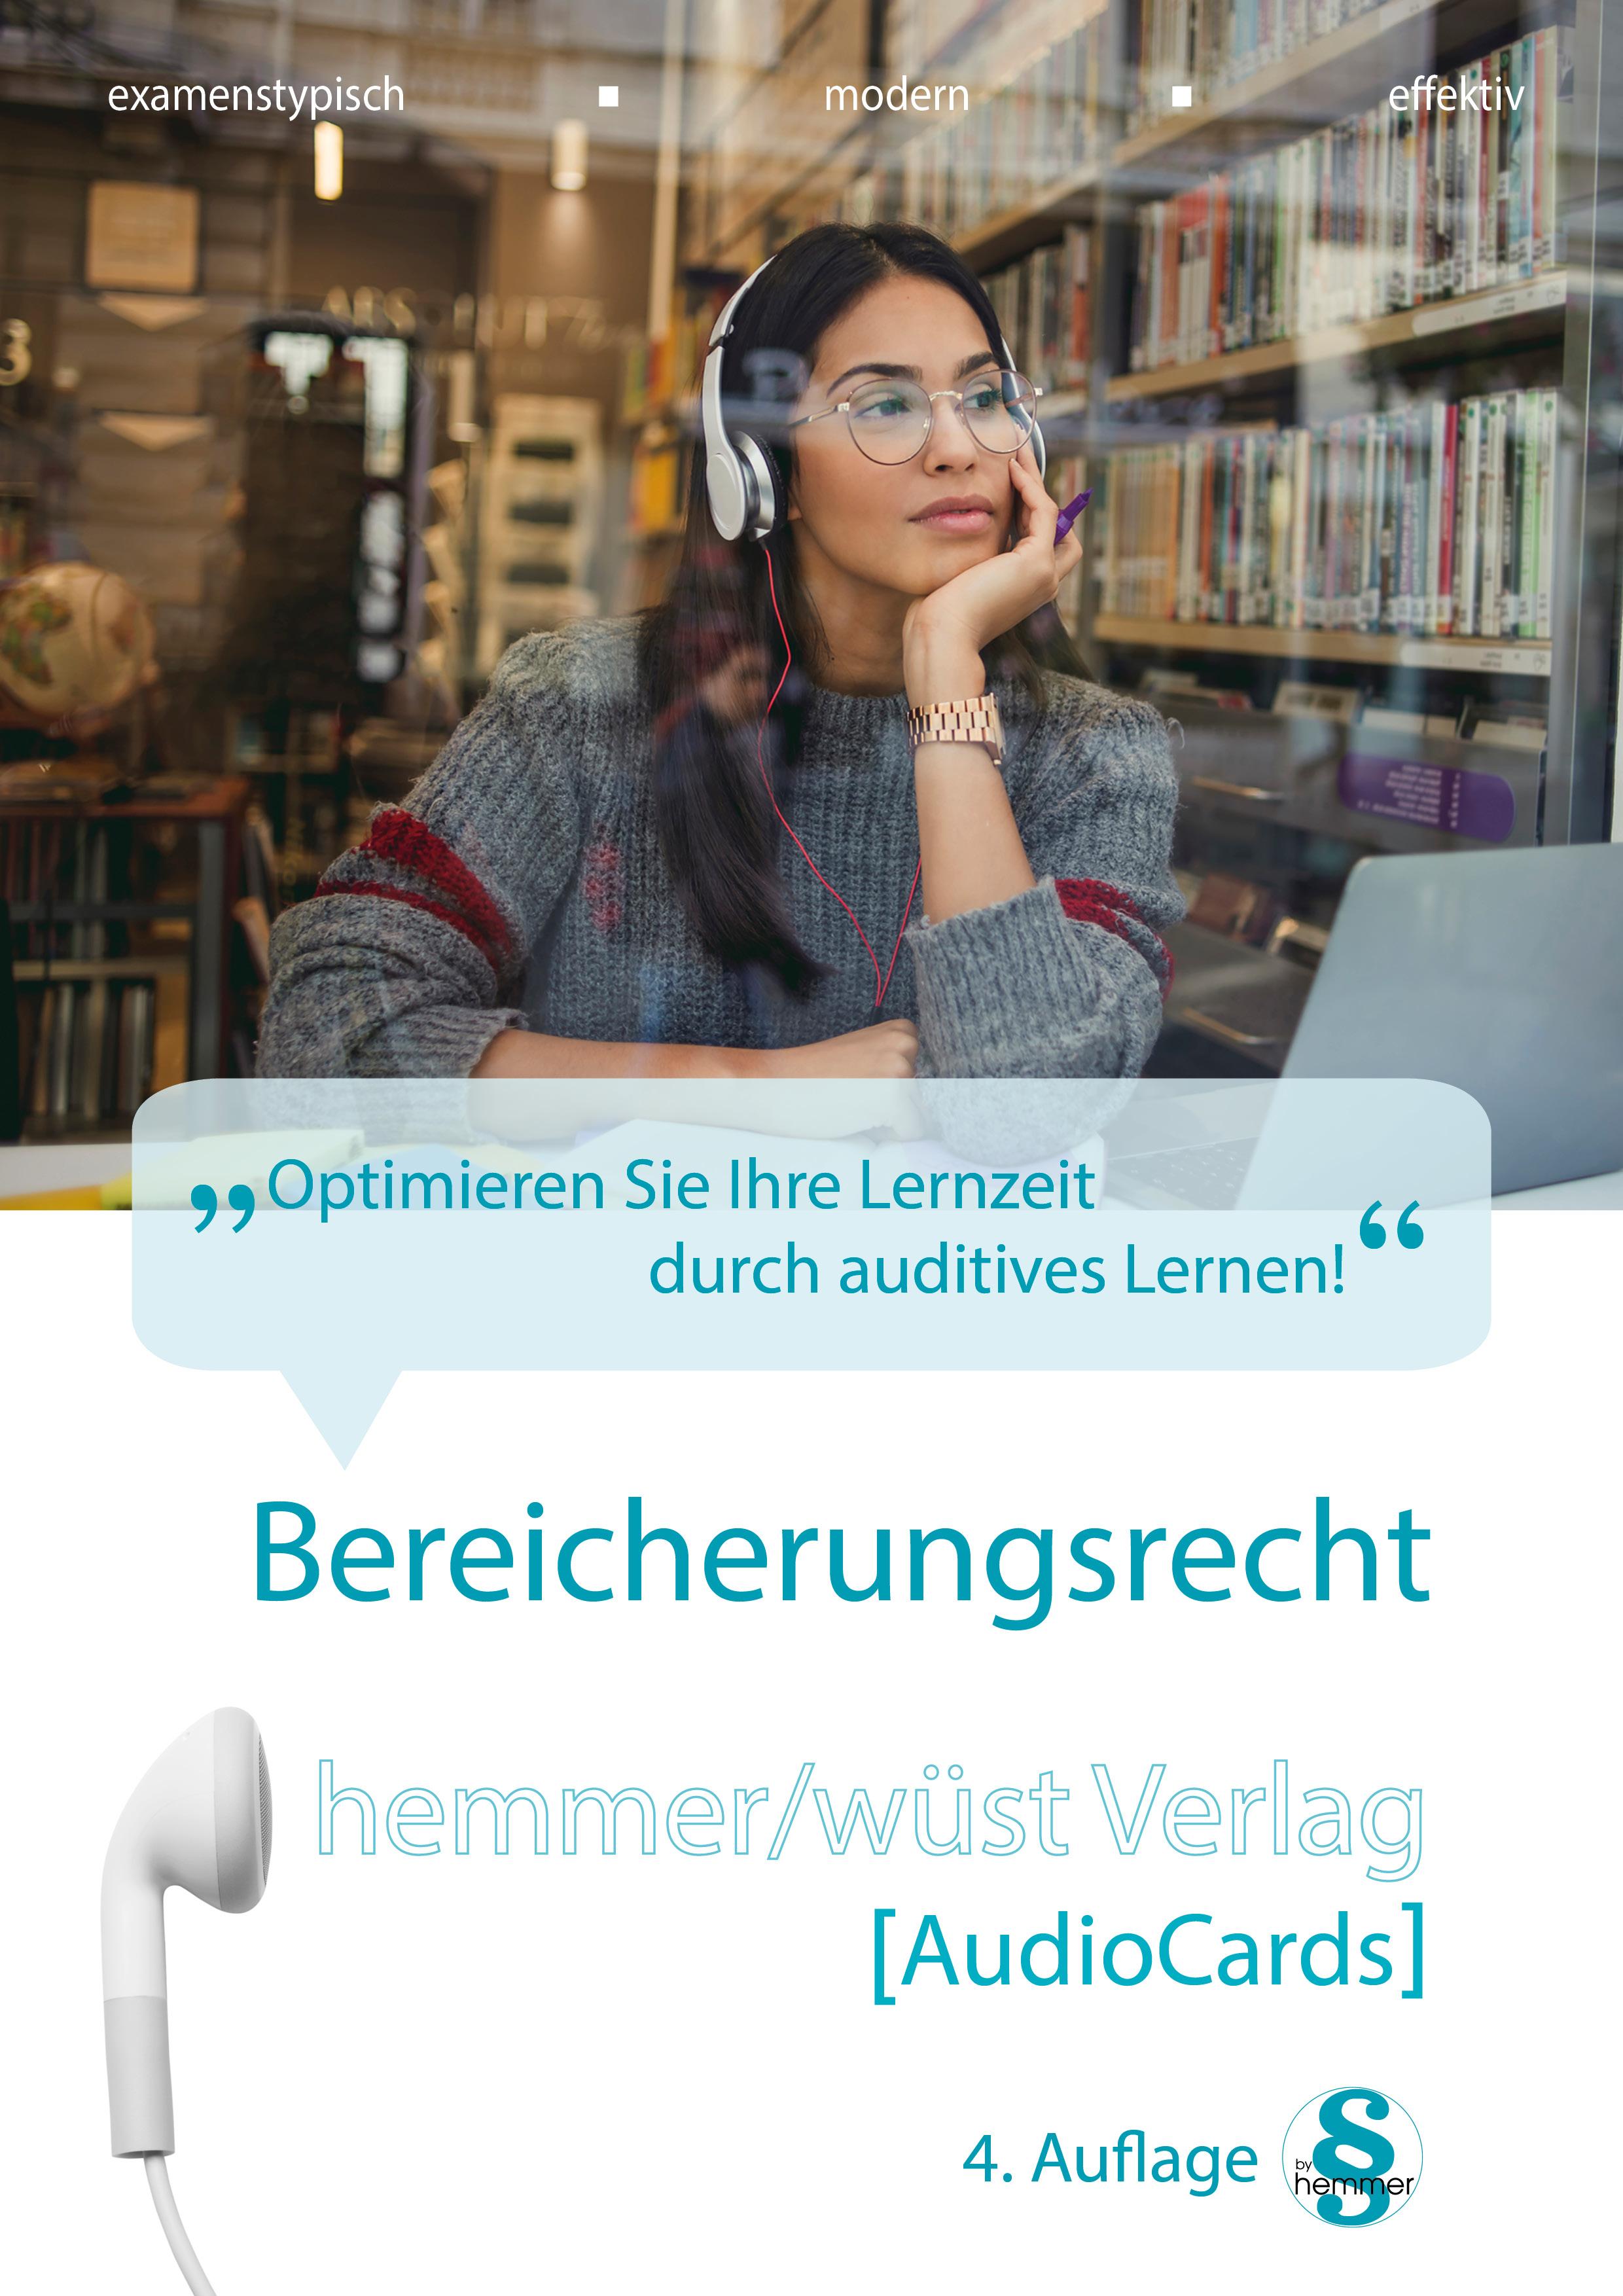 Audiocards - Bereicherungsrecht - Download